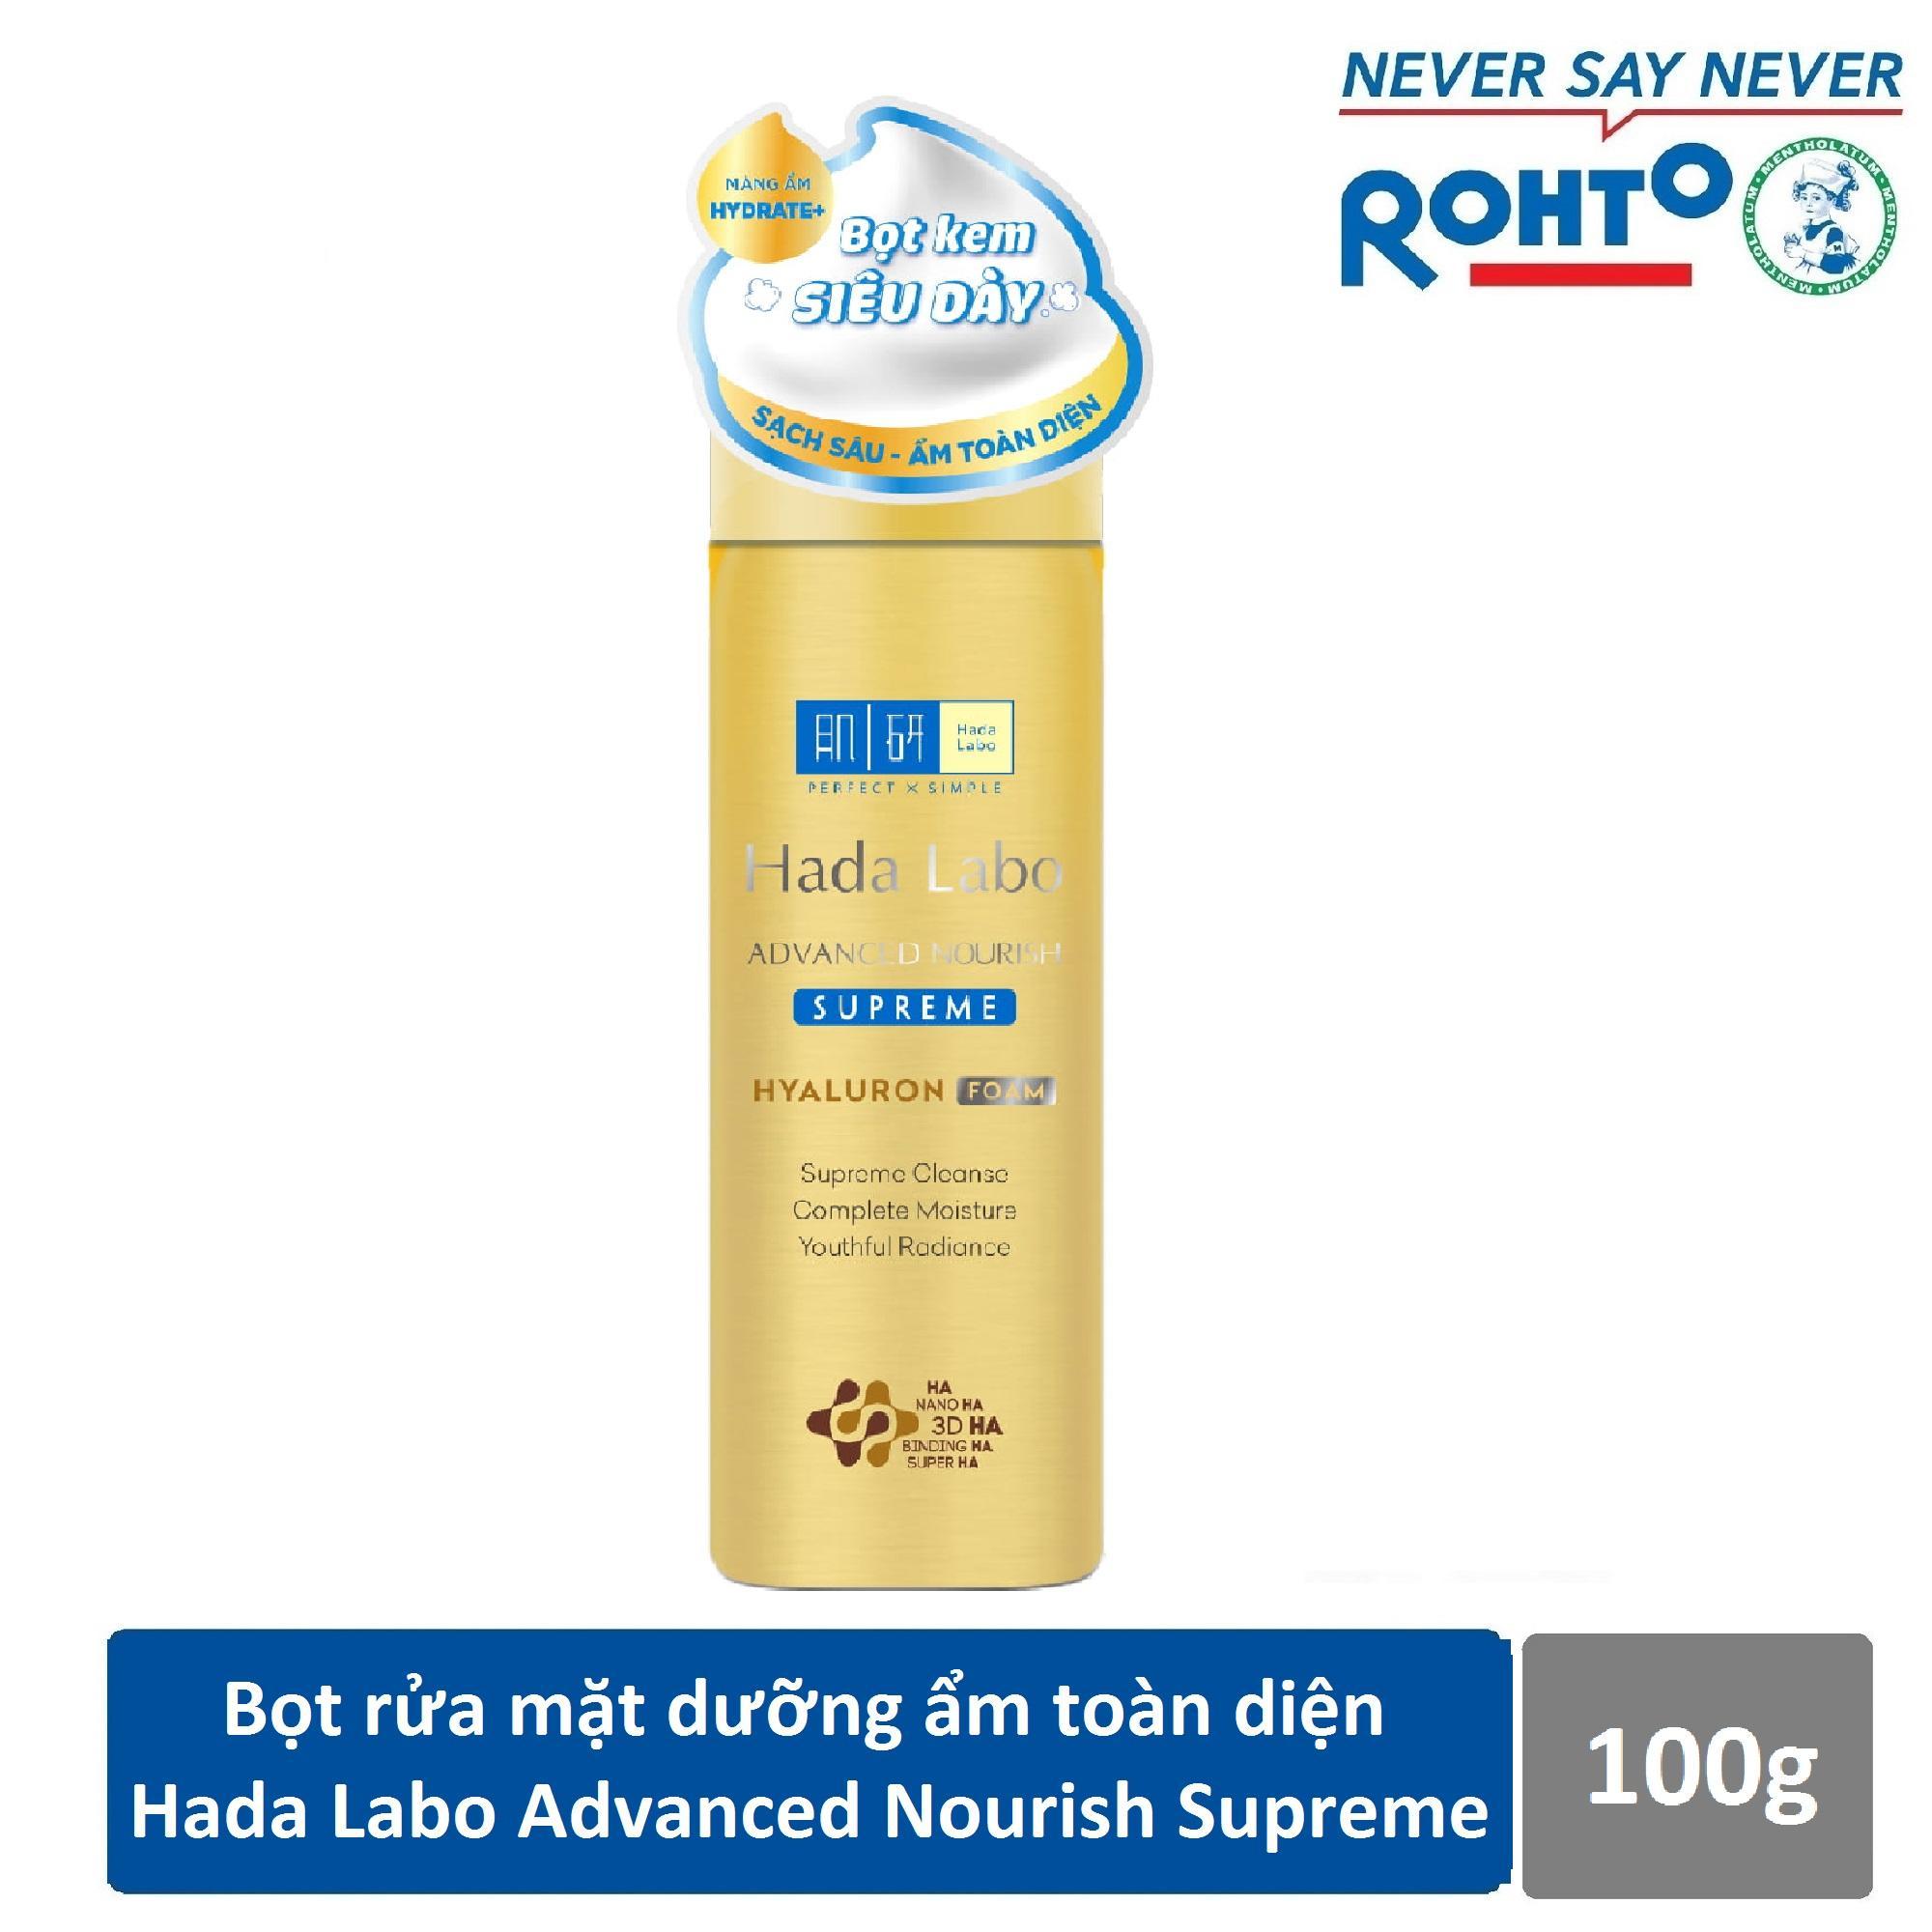 Bọt kem rửa mặt dưỡng ẩm toàn diện Hada Labo Advanced Nourish Supreme Foaming Wash 100g nhập khẩu